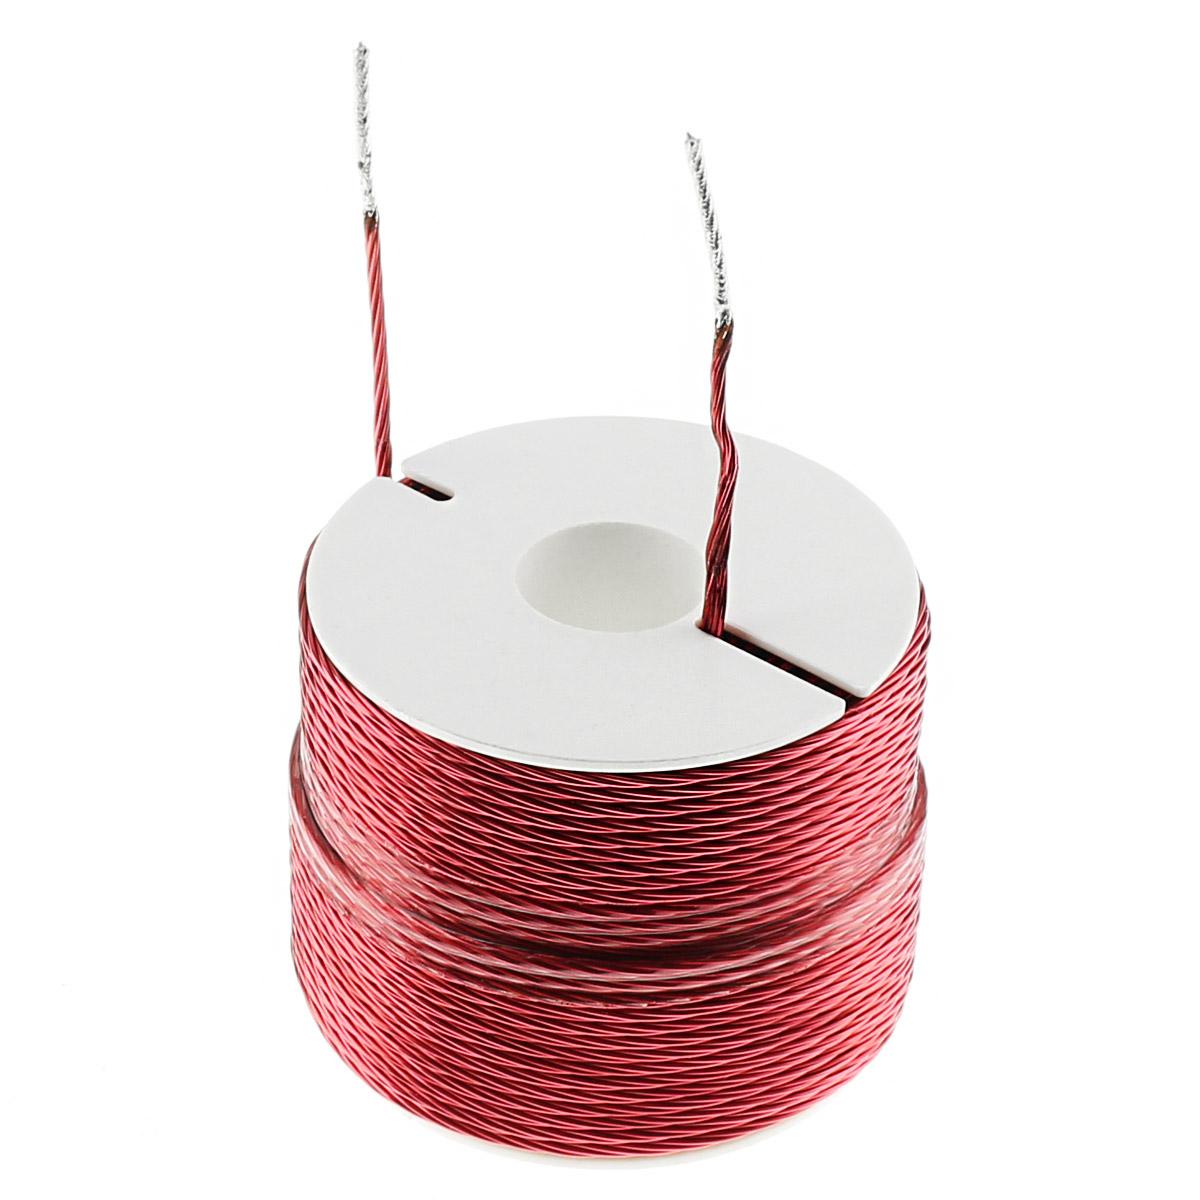 MUNDORF LL60 7 Strands Copper Wire Coil 1.8mH